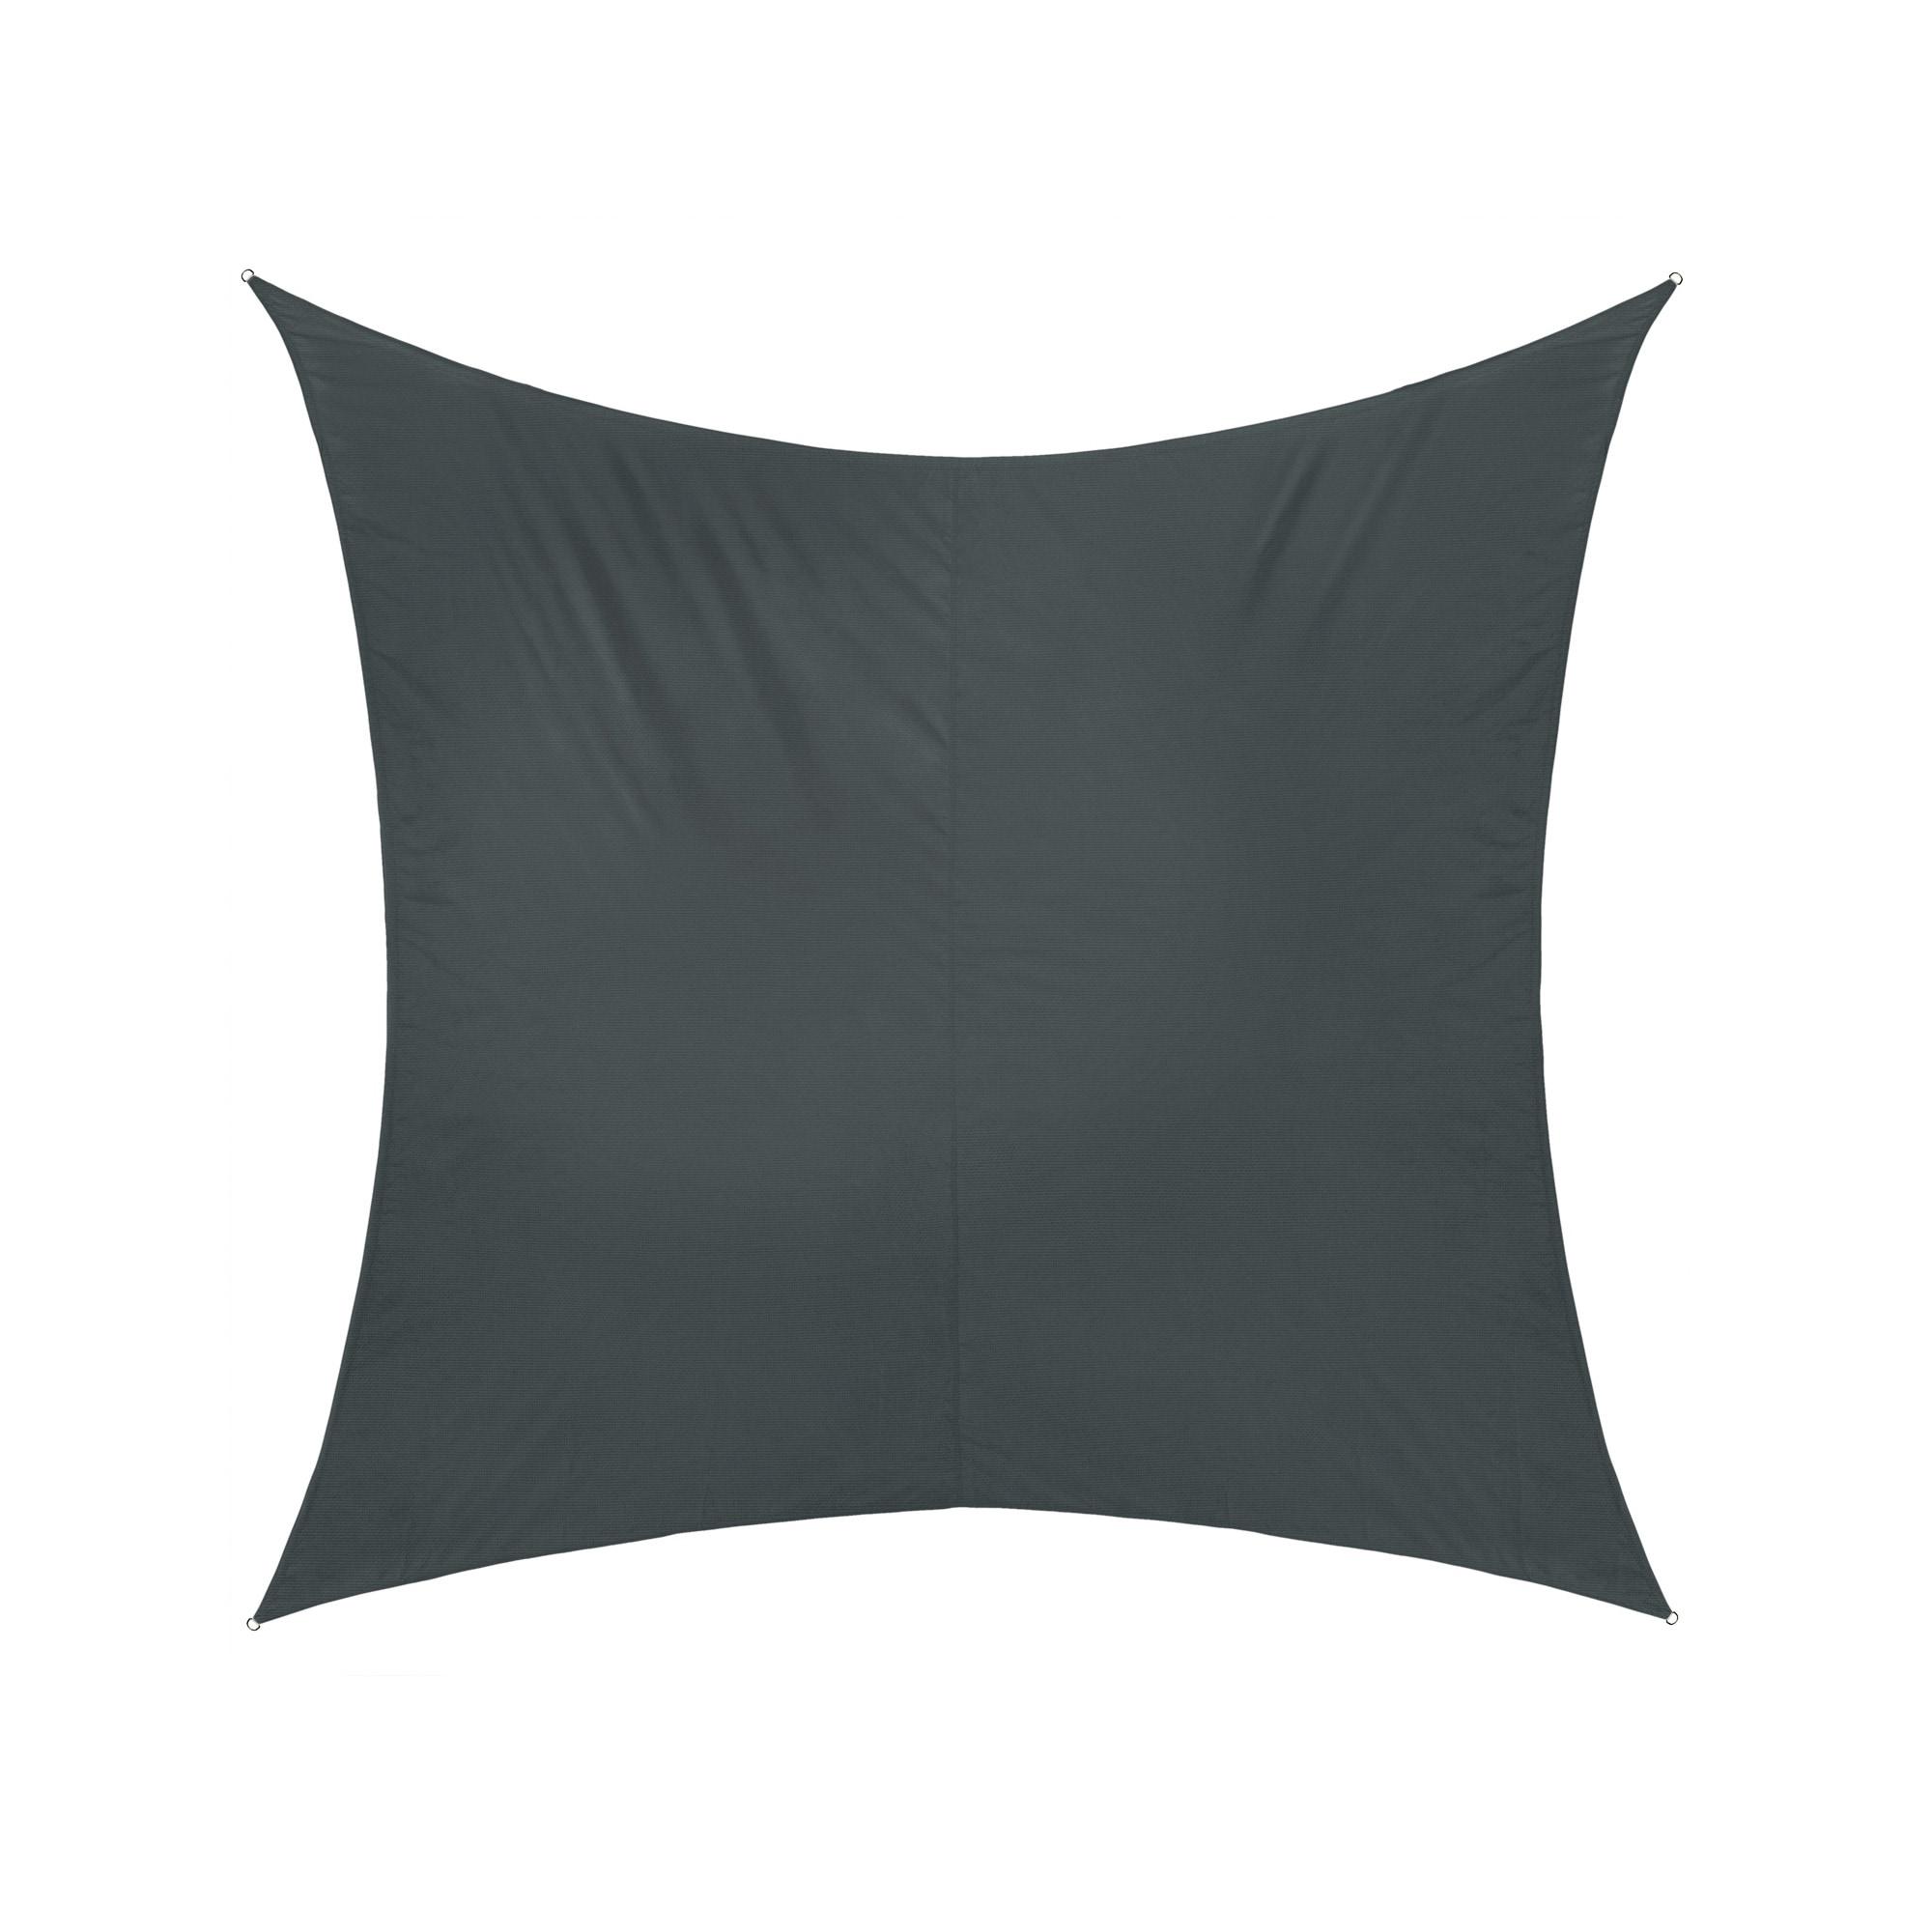 Sonnensegel Grau Anthrazit 400 X 300cm 3x4m Windschutz